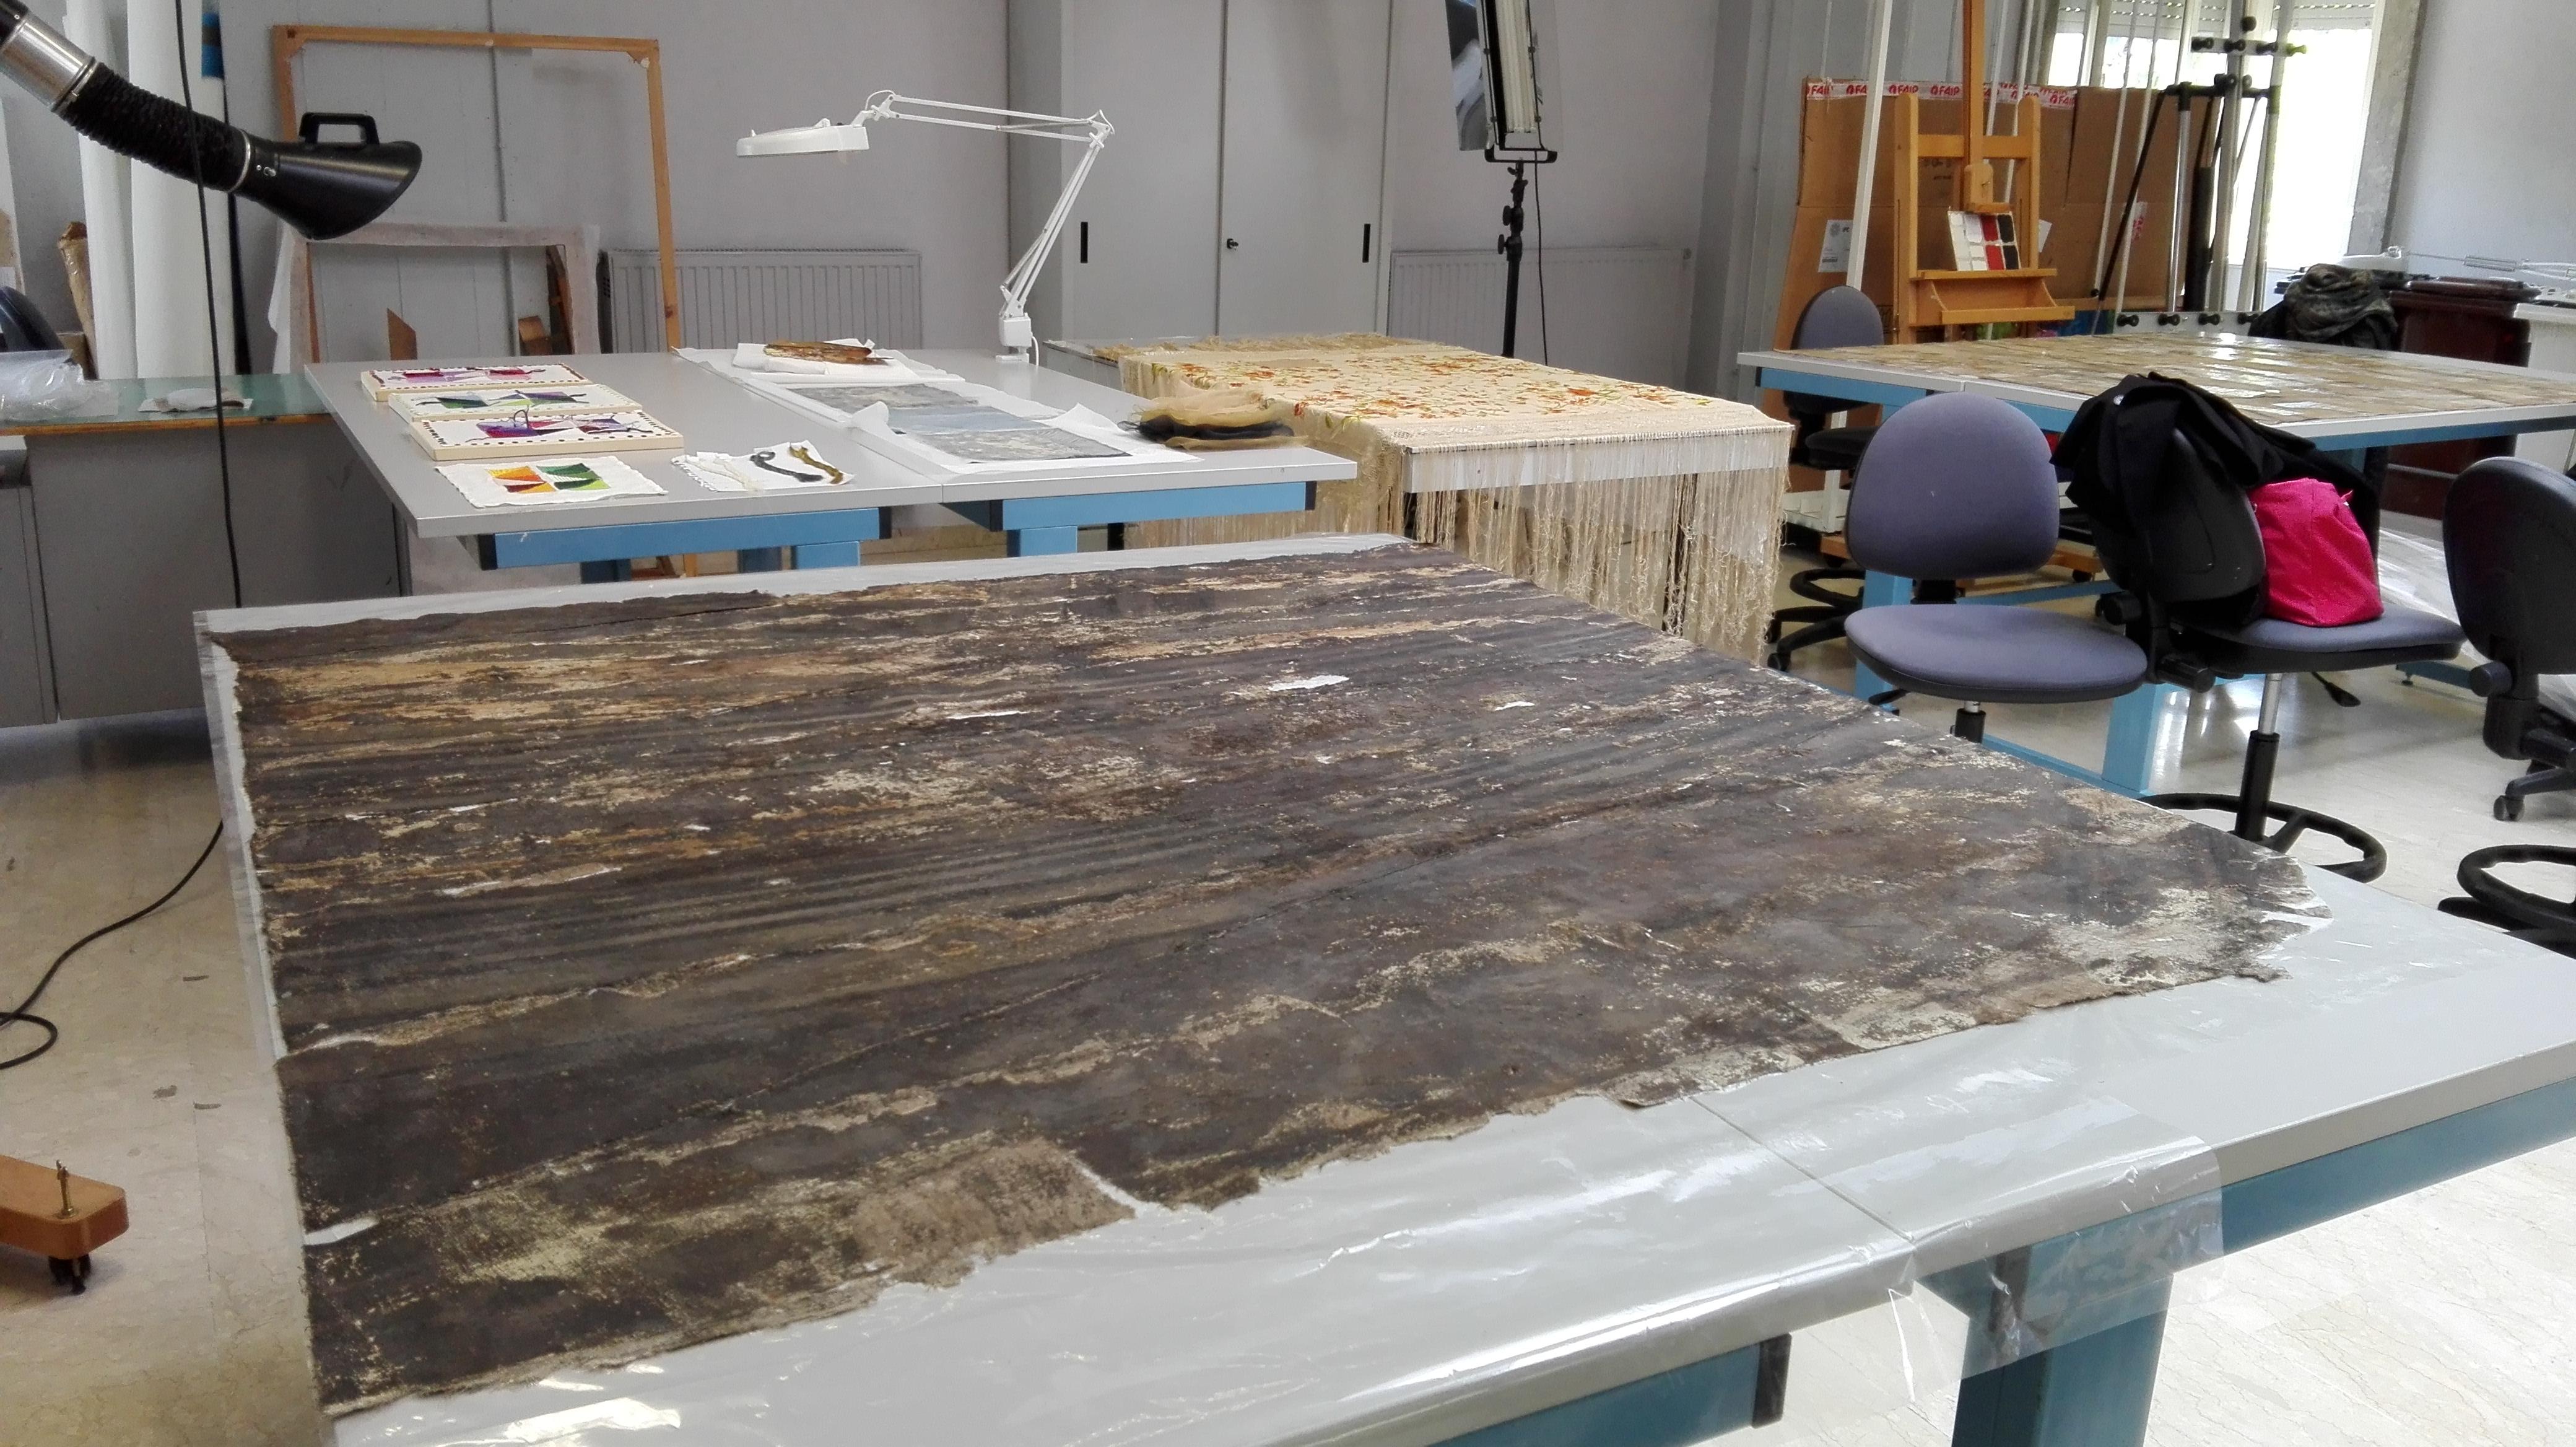 Duomo, gli studenti restaurano una tela di 120 metri quadrati